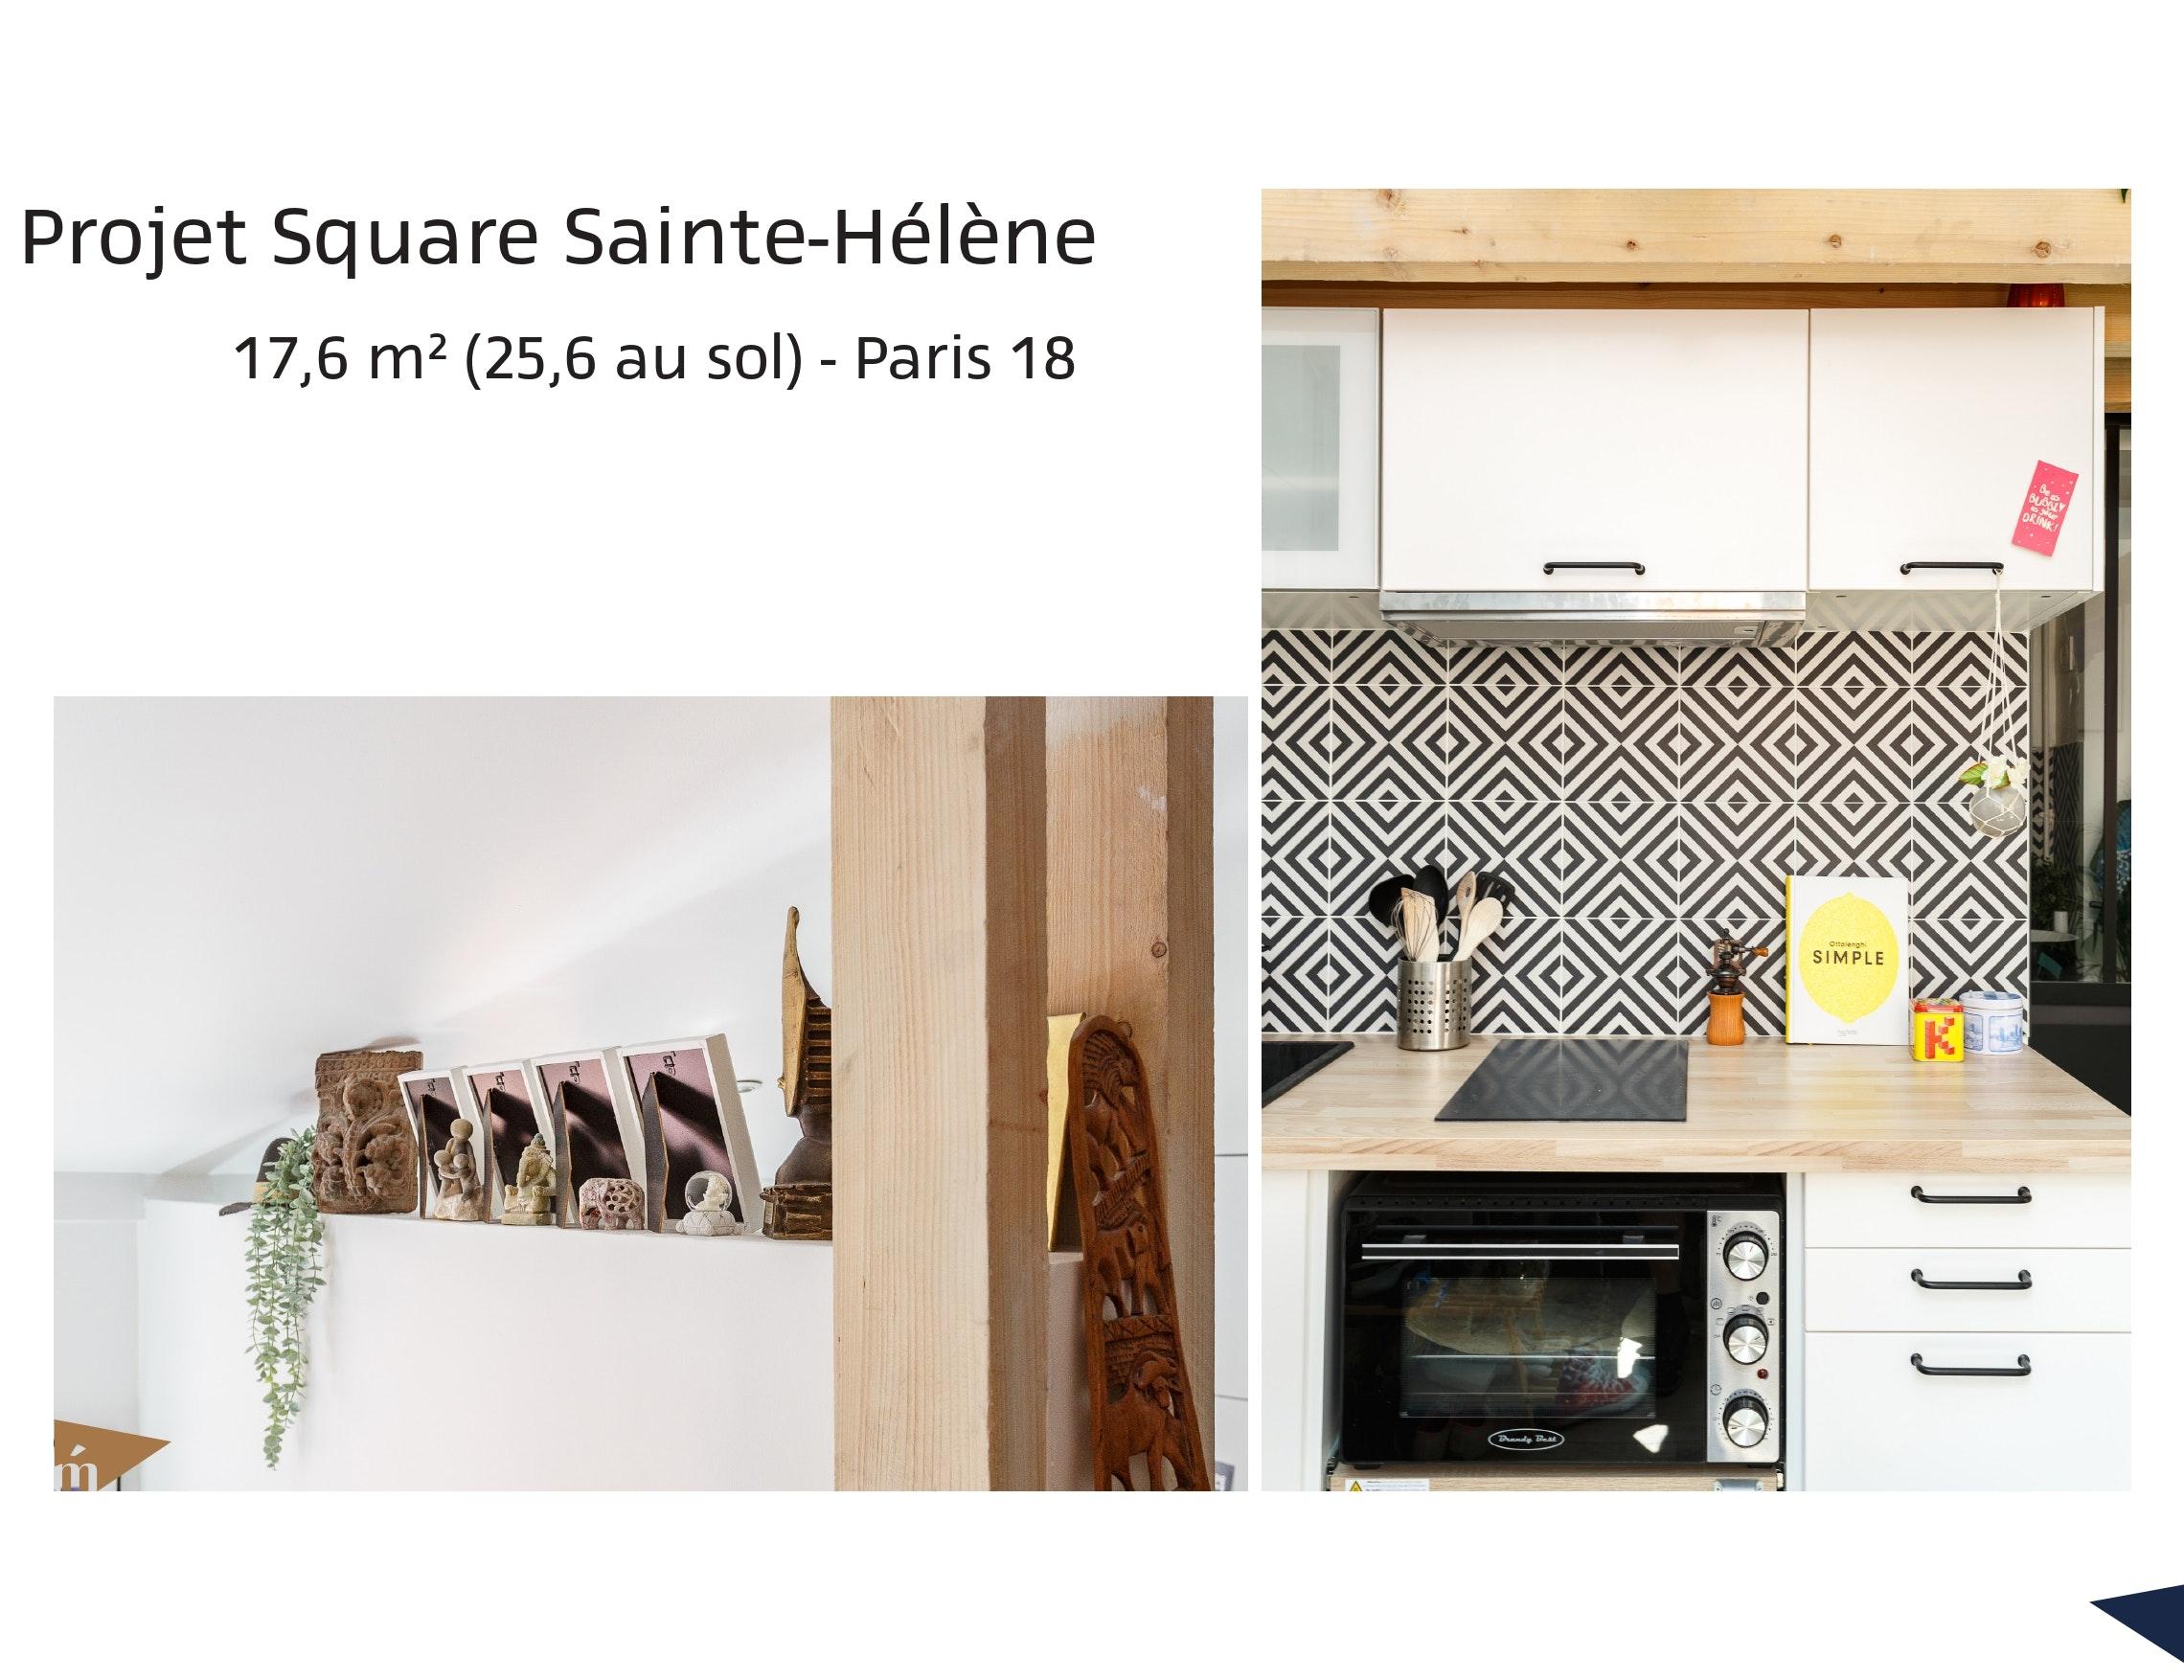 photo Projet Square Sainte-Hélène - 17m² (25,6m² au sol) - Paris 18 Léa Mast - Architecte hemea